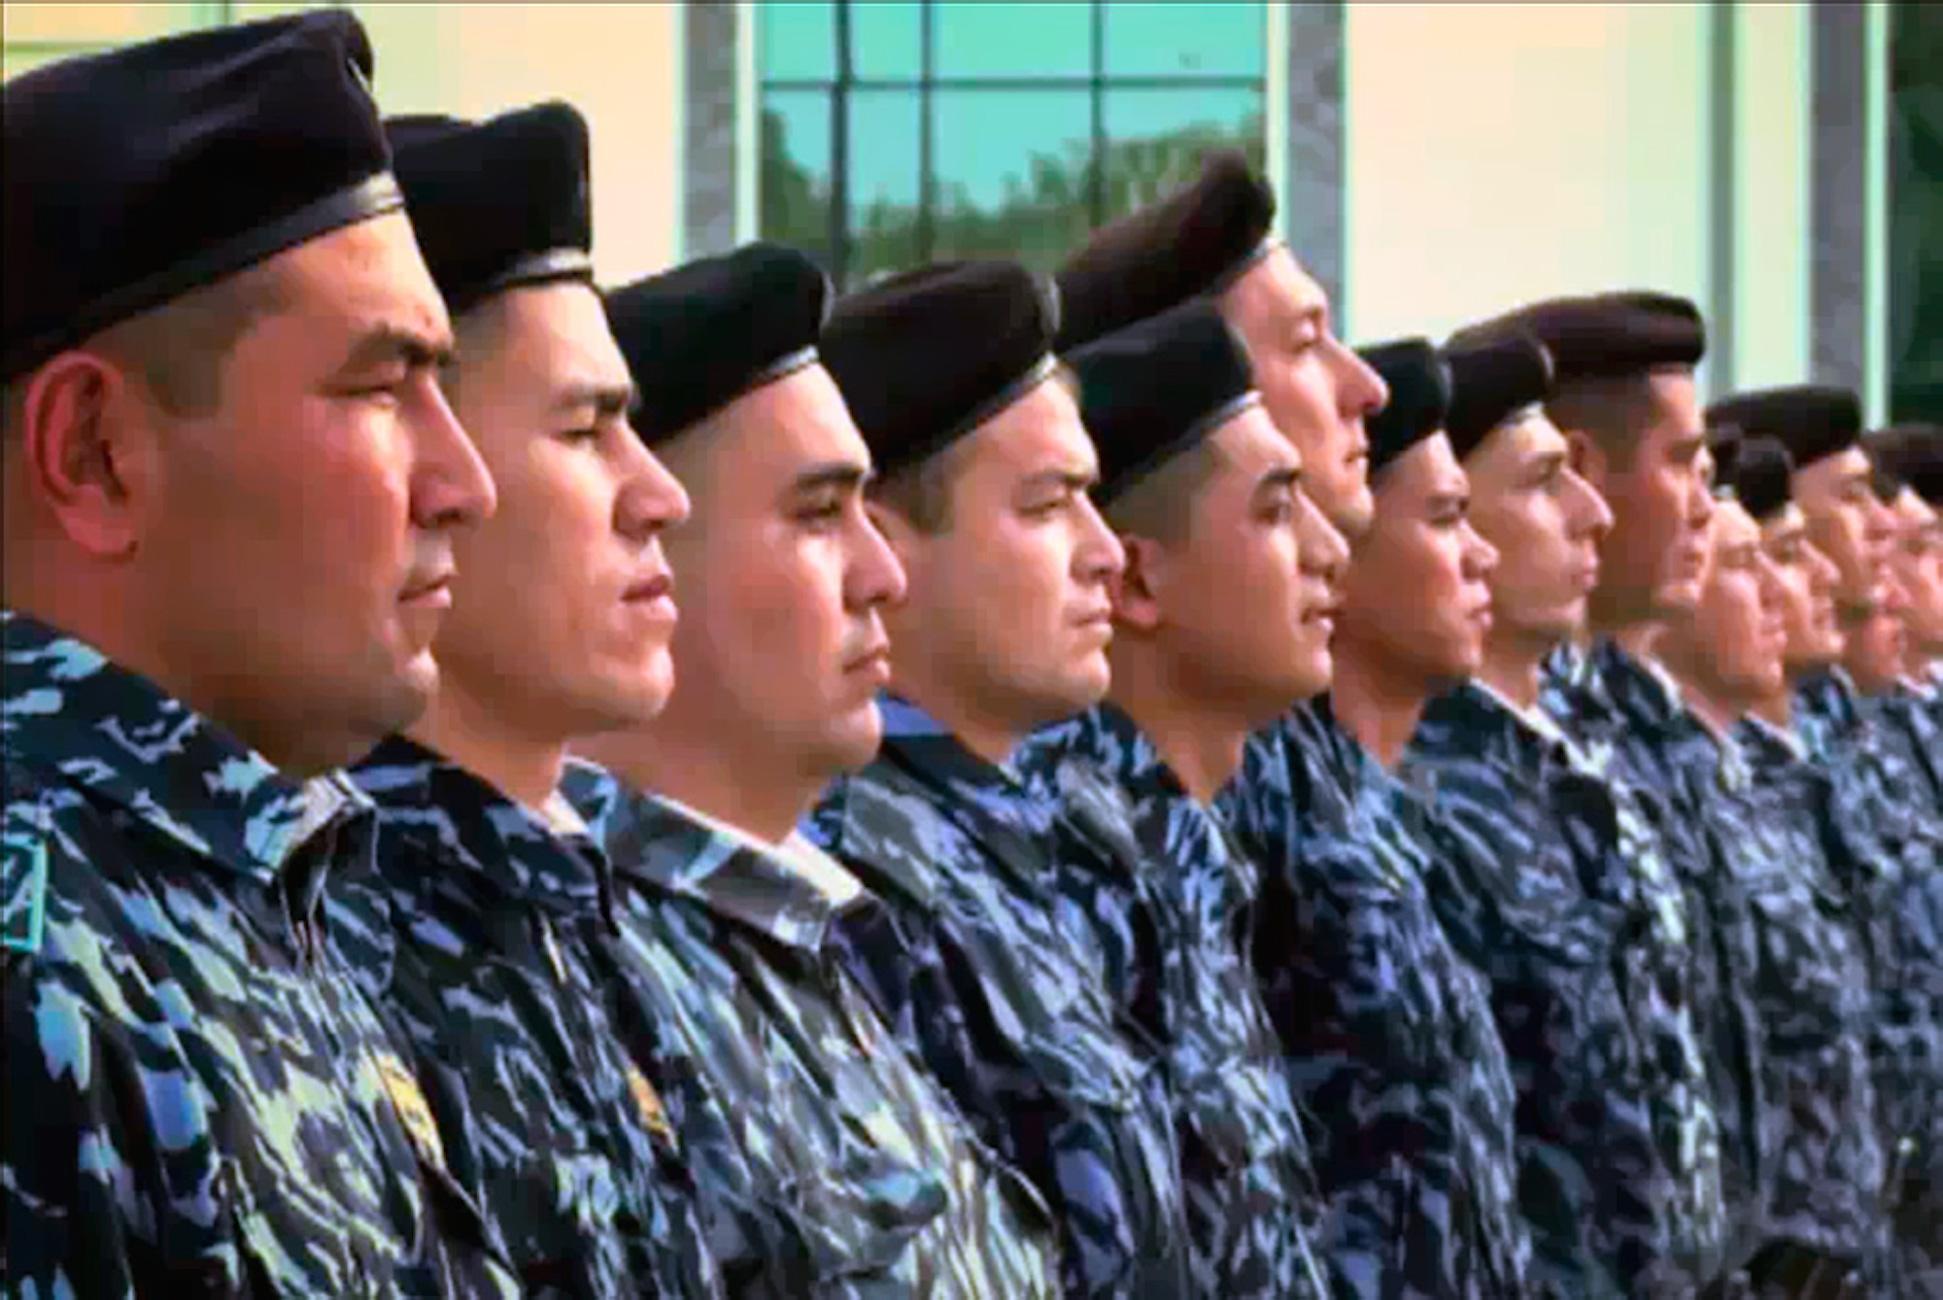 Узбекистан продолжает реформы правоохранительных органов в связи с недовольством населения